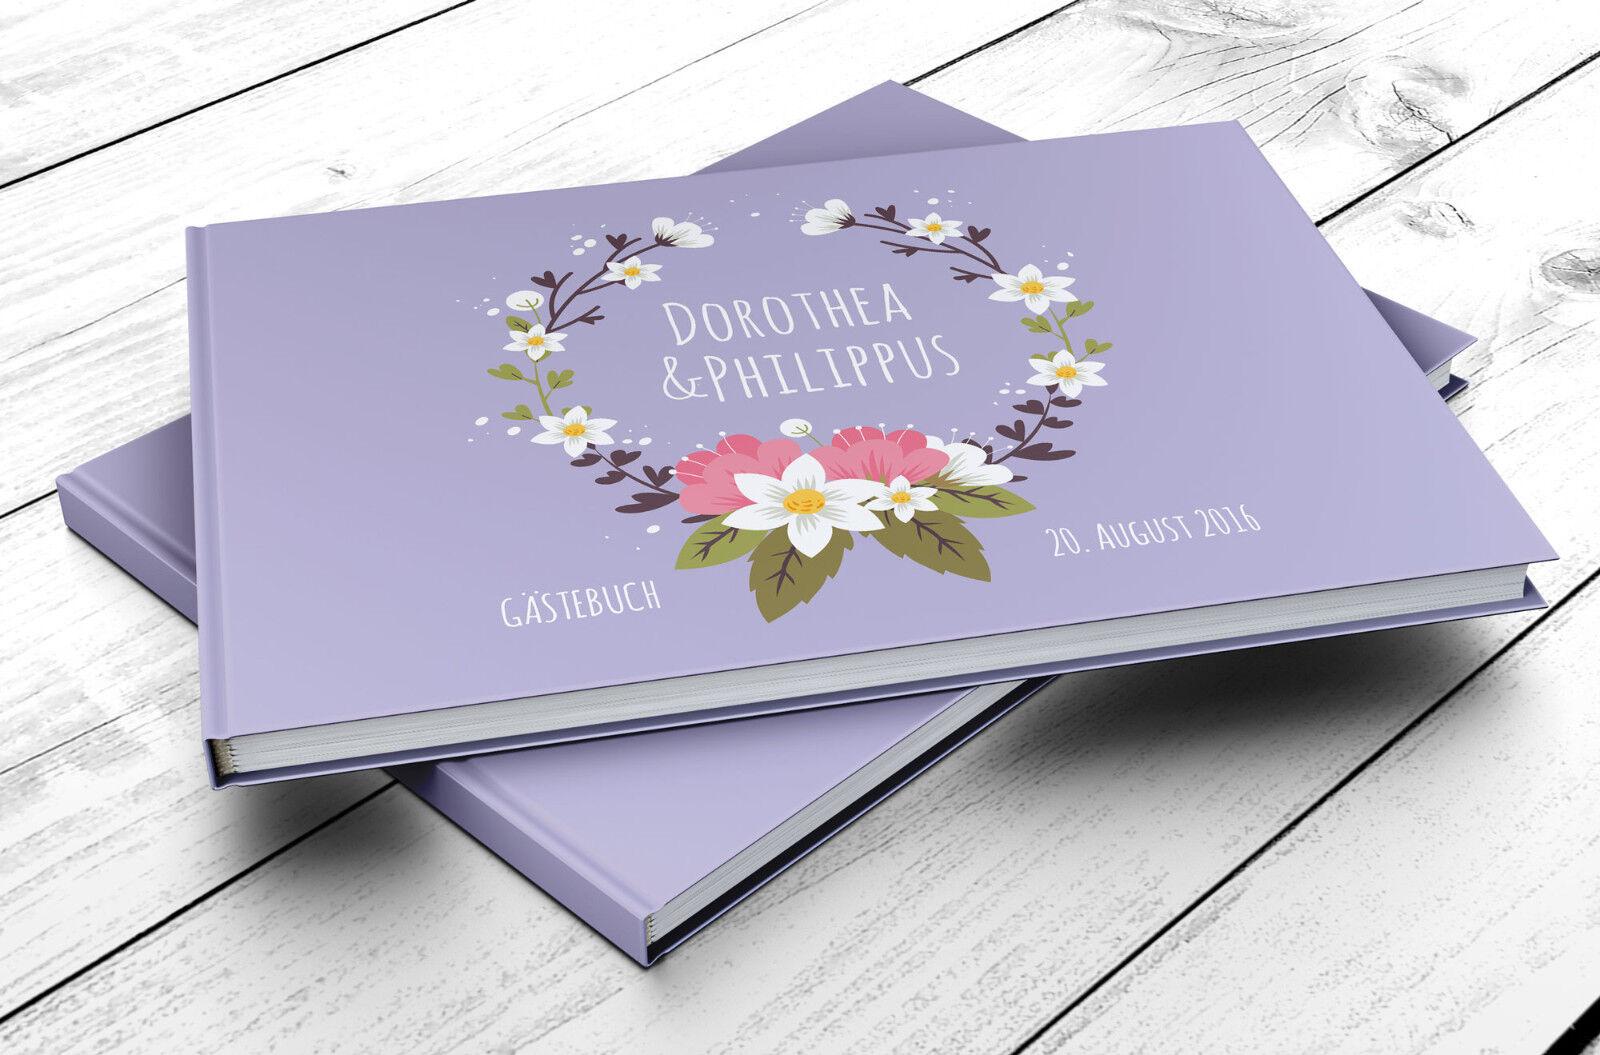 Gästebuch Gästebuch Gästebuch Hochzeit PERSONALISIERT Vintage Flower Pastel-Flieder, Foto, Geschenk c296f2